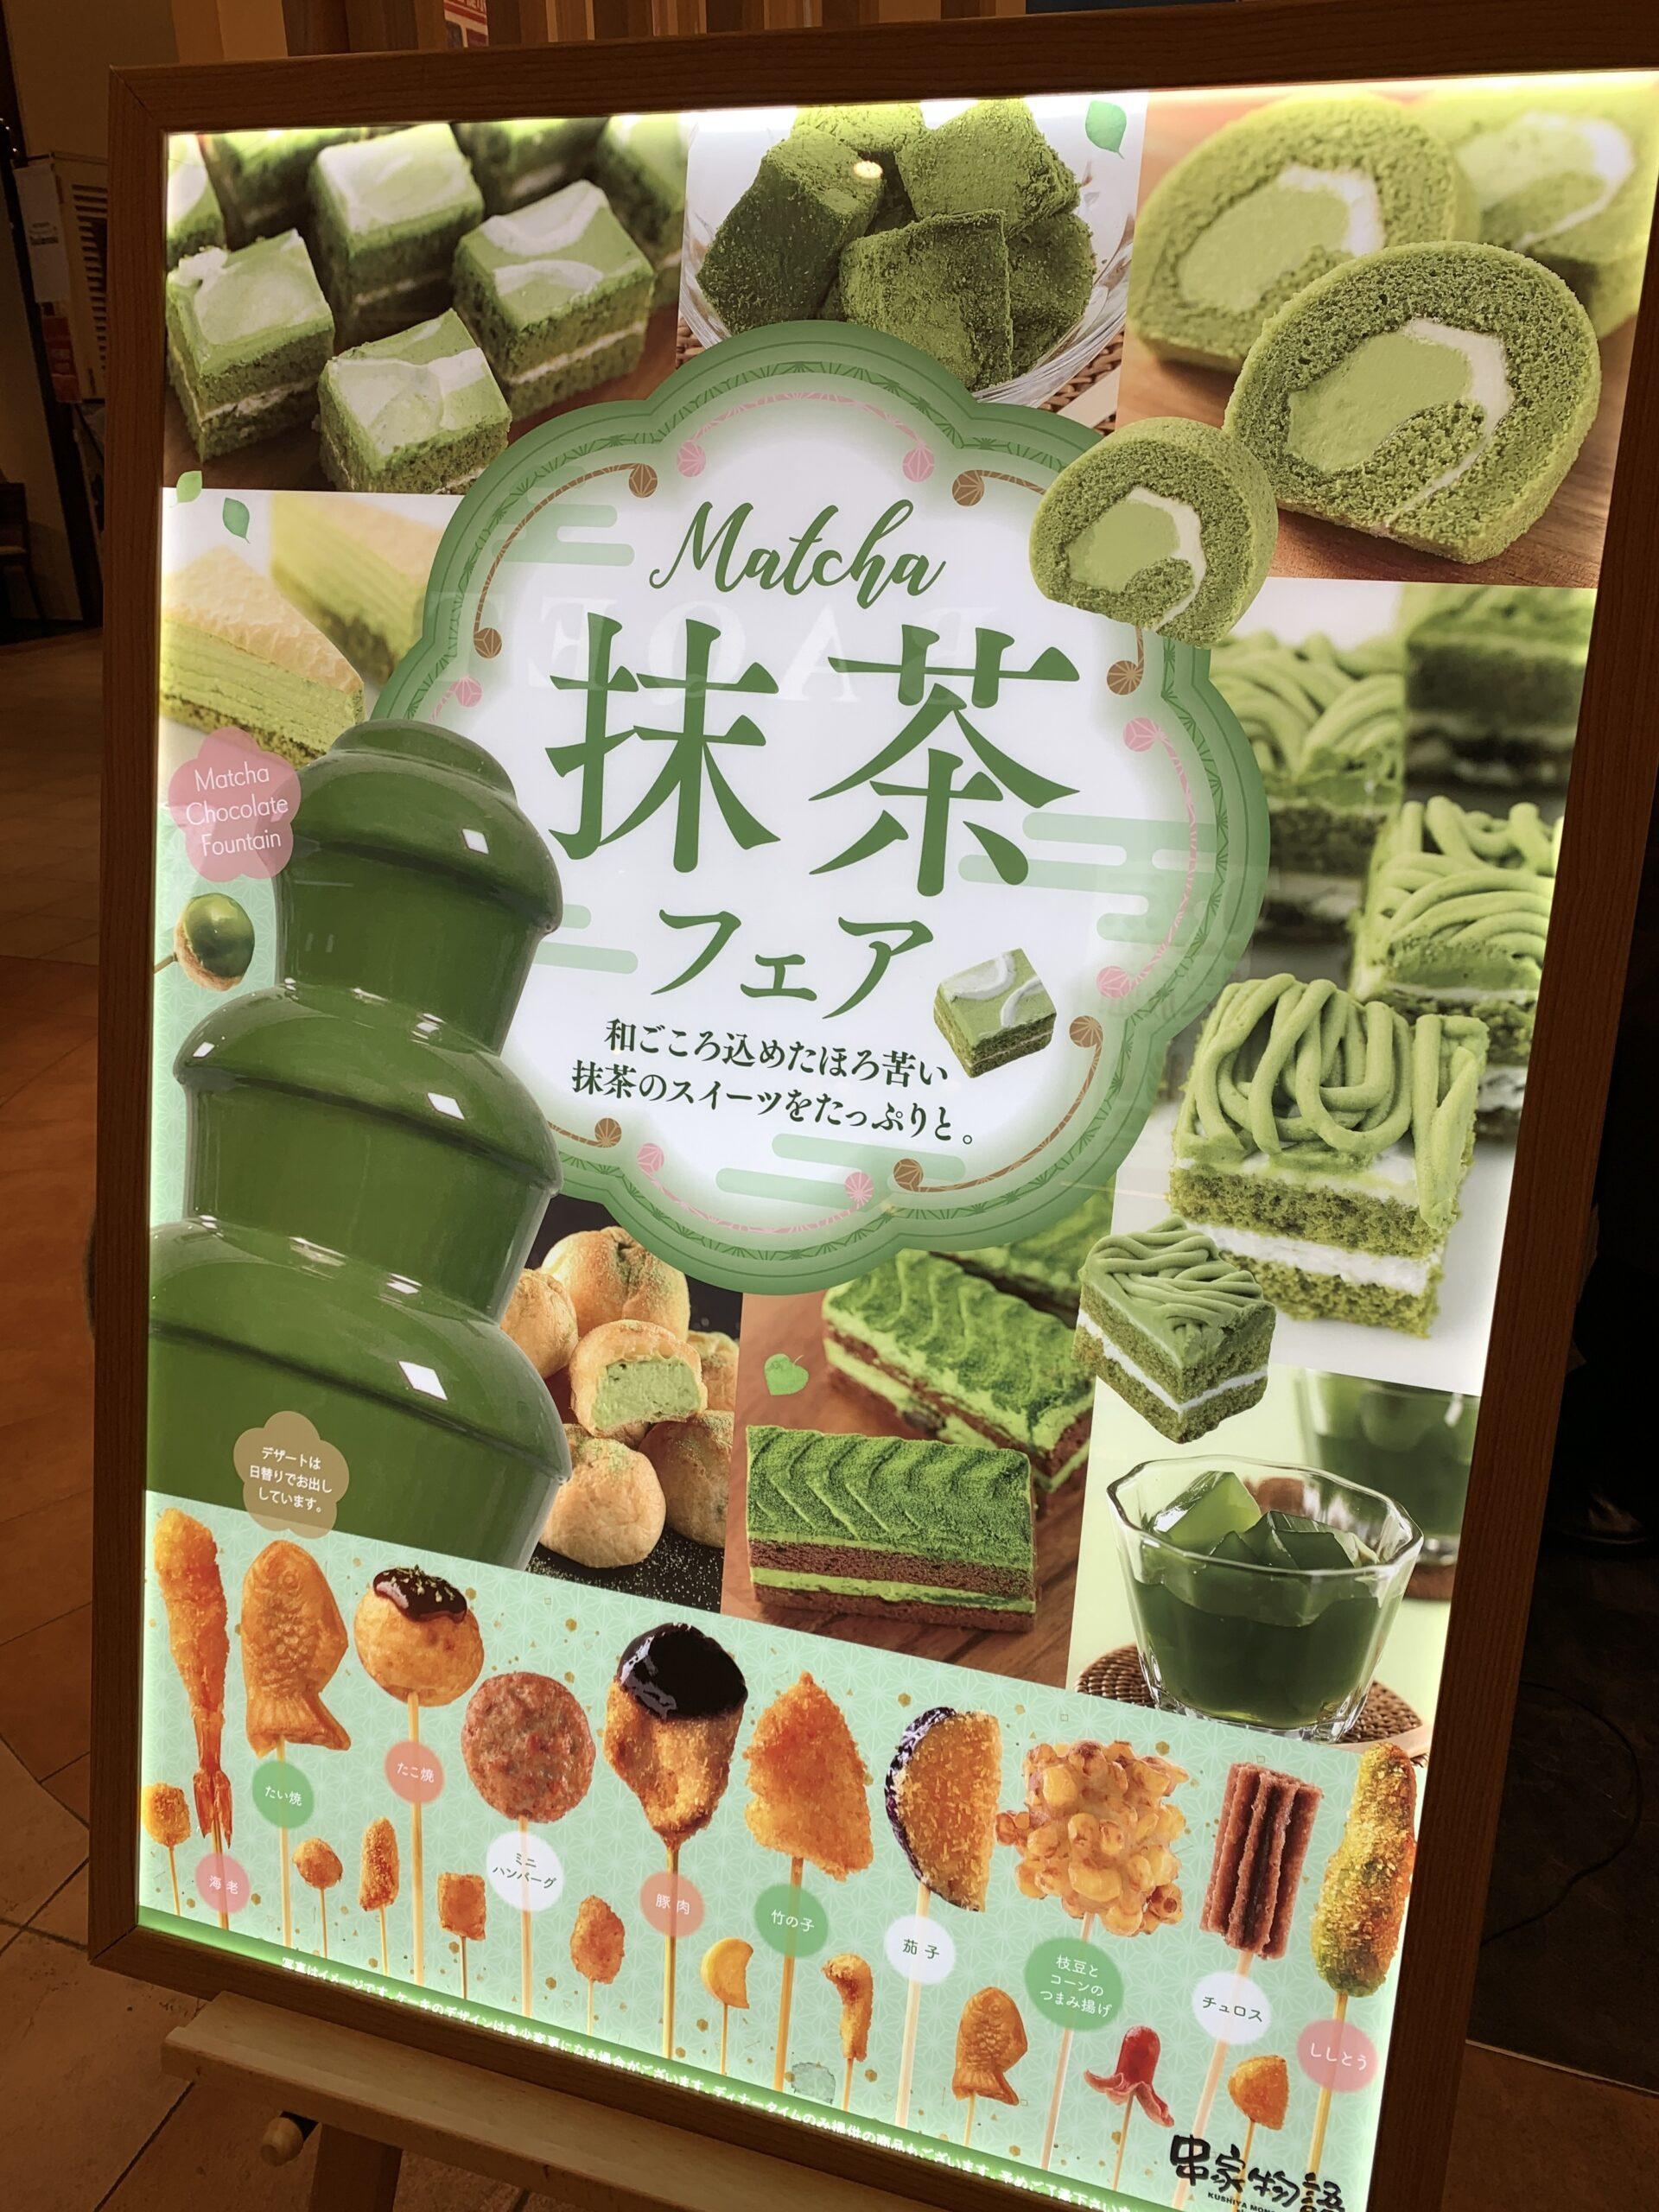 串家物語の抹茶フェア:抹茶スイーツの種類や味の感想2021